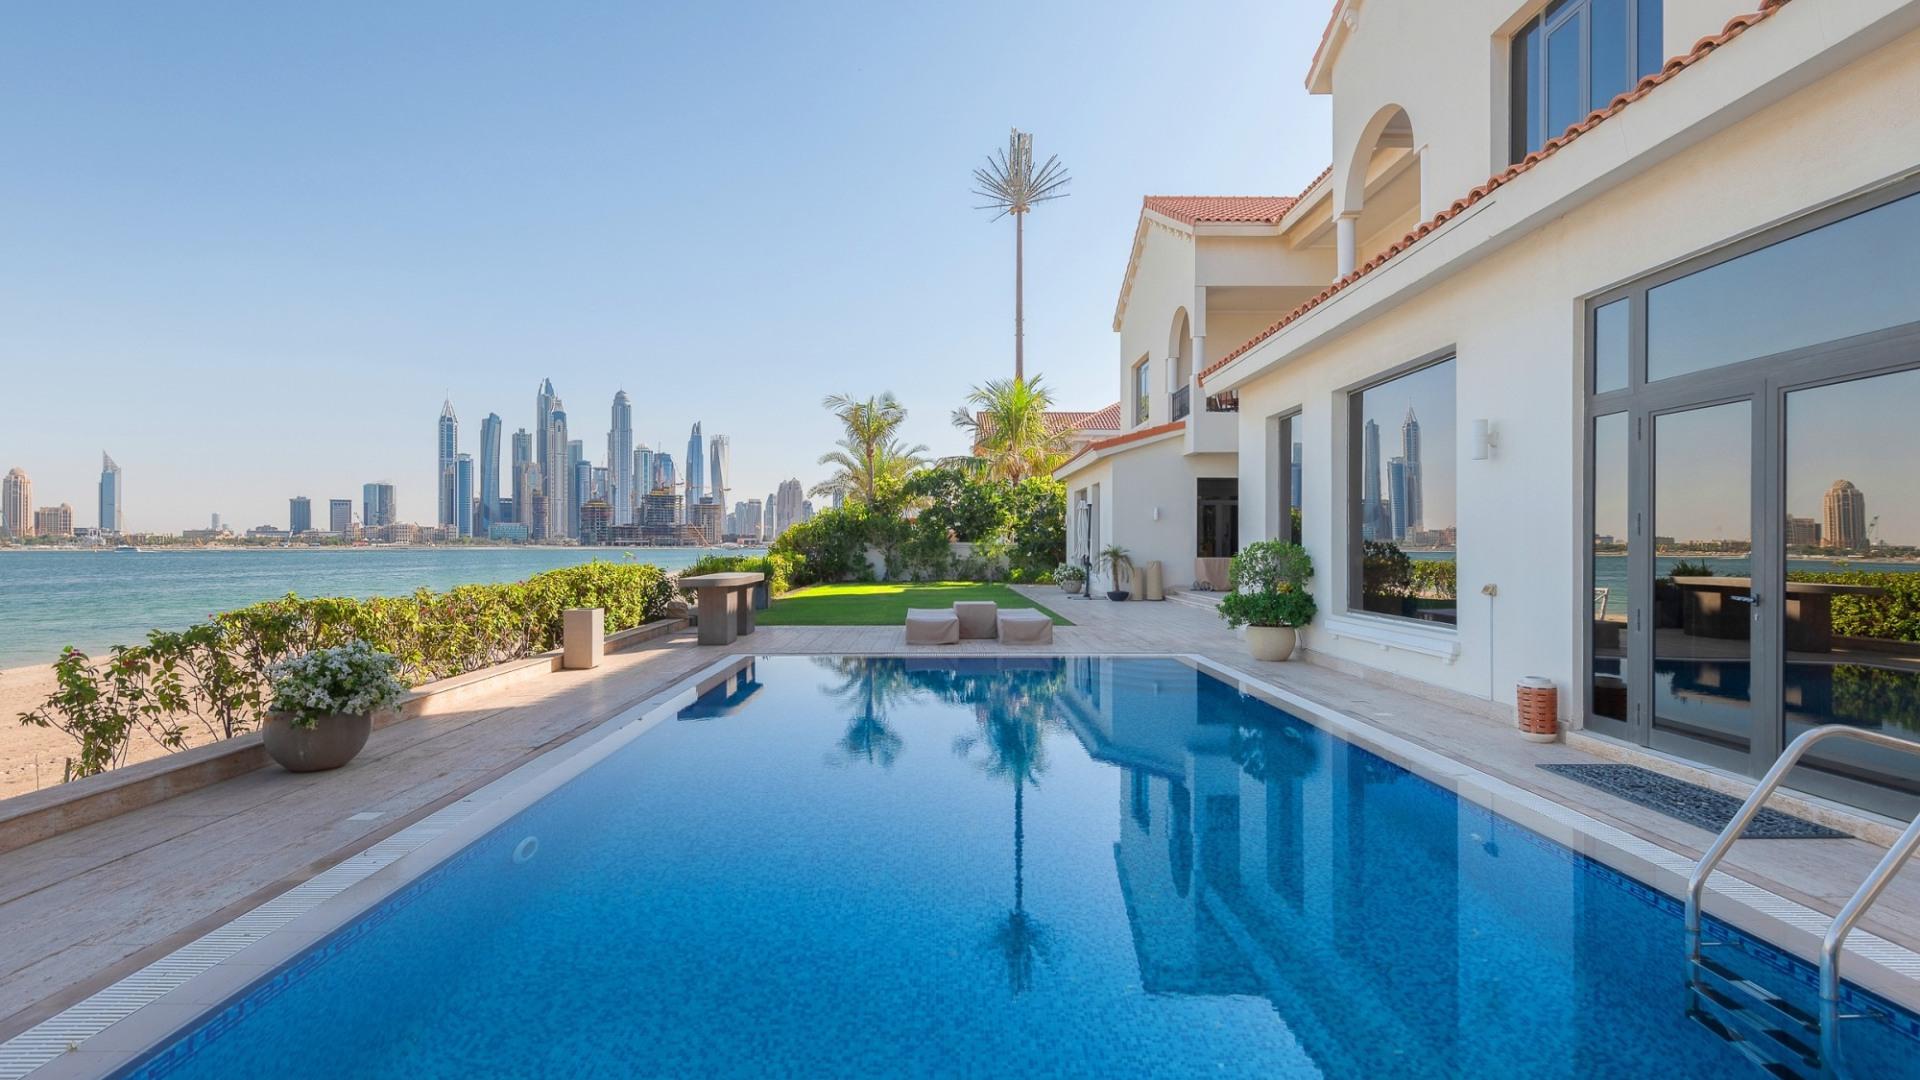 Villa en venta en Dubai, EAU, 5 dormitorios, 650 m2, № 24488 – foto 5